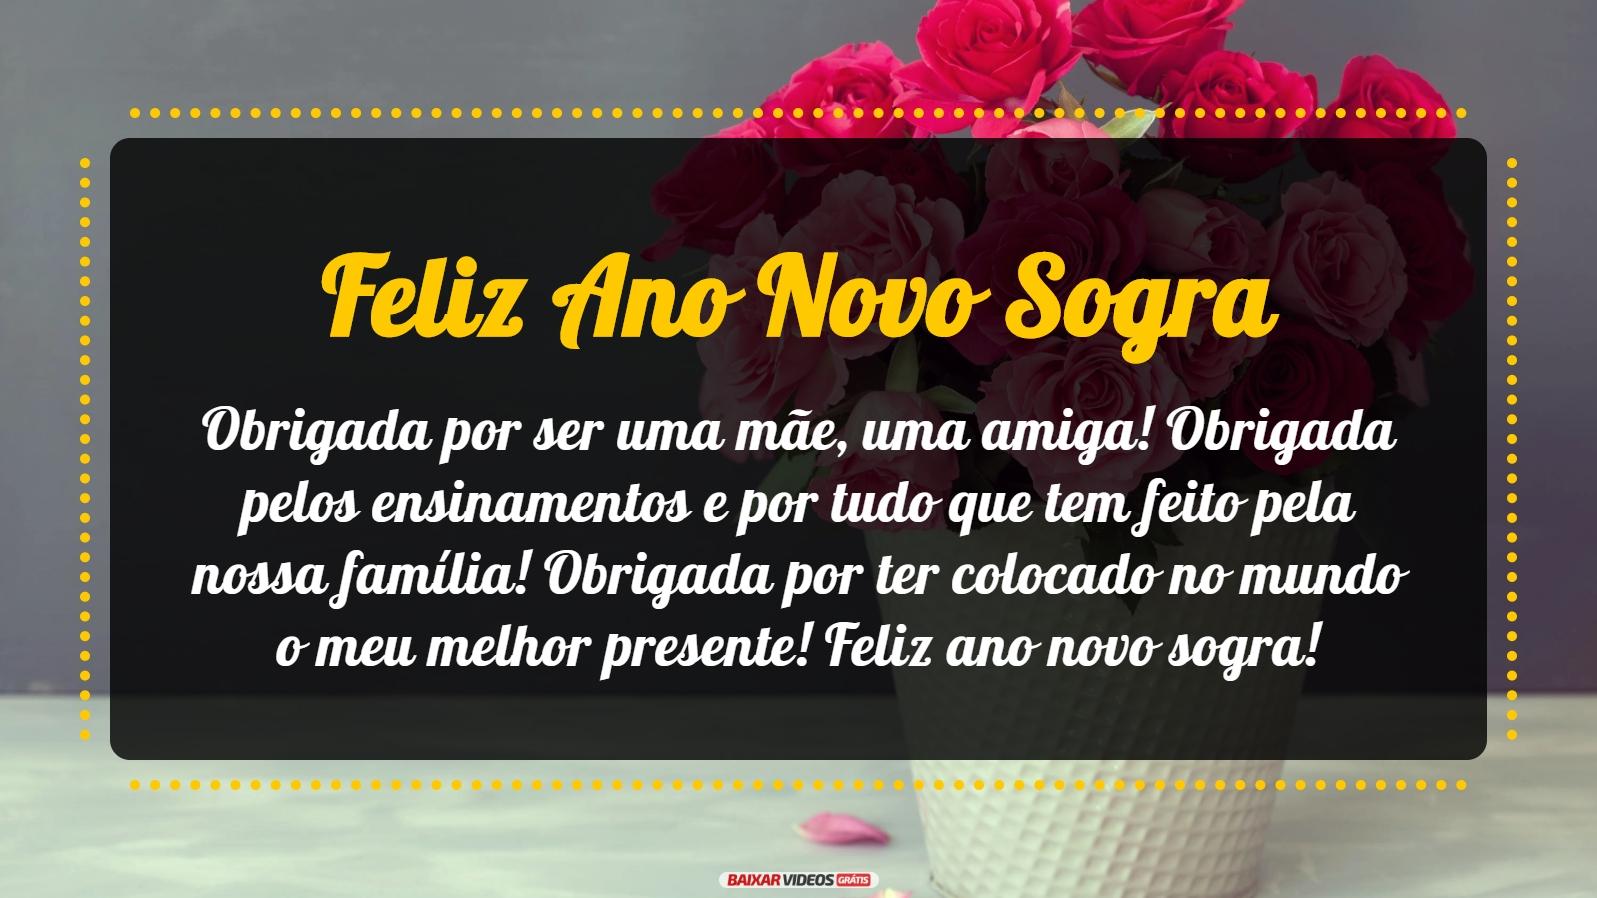 Feliz Ano Novo minha querida sogra, obrigada por ser uma mãe, uma amiga! Obrigada pelos ensinamentos e por tudo que tem feito pela nossa família! Obrigada por ter colocado no mundo o meu melhor presente! Feliz ano novo sogra!